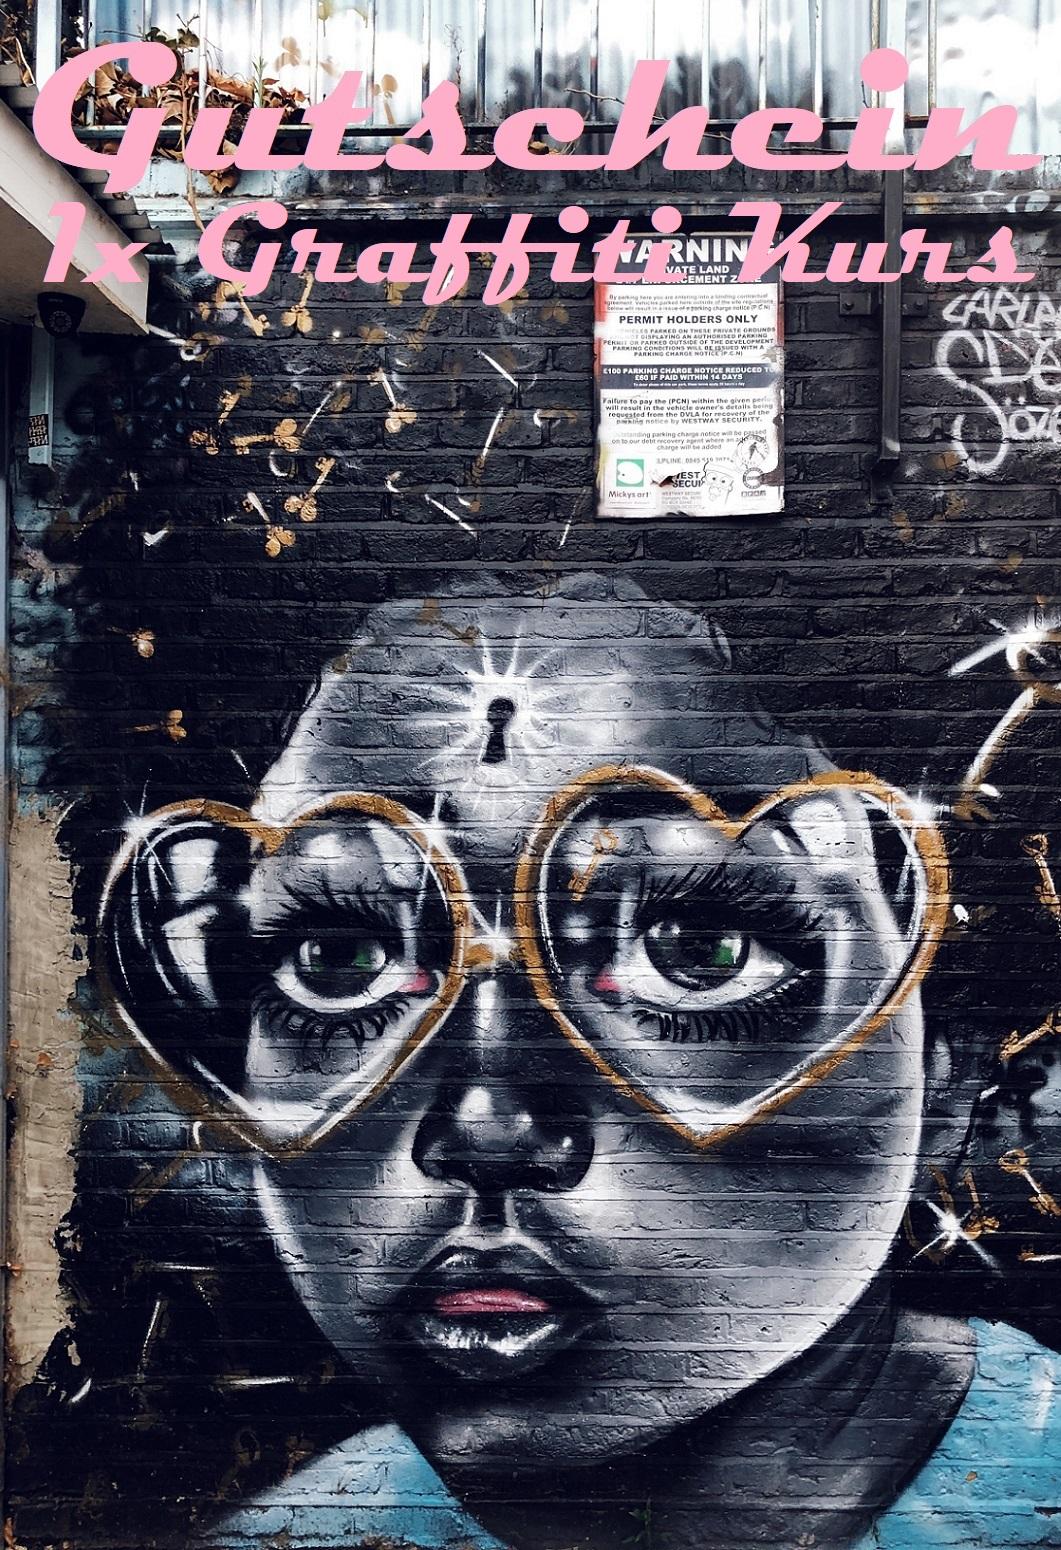 Gutscheinvorlage für Graffiti Kurse